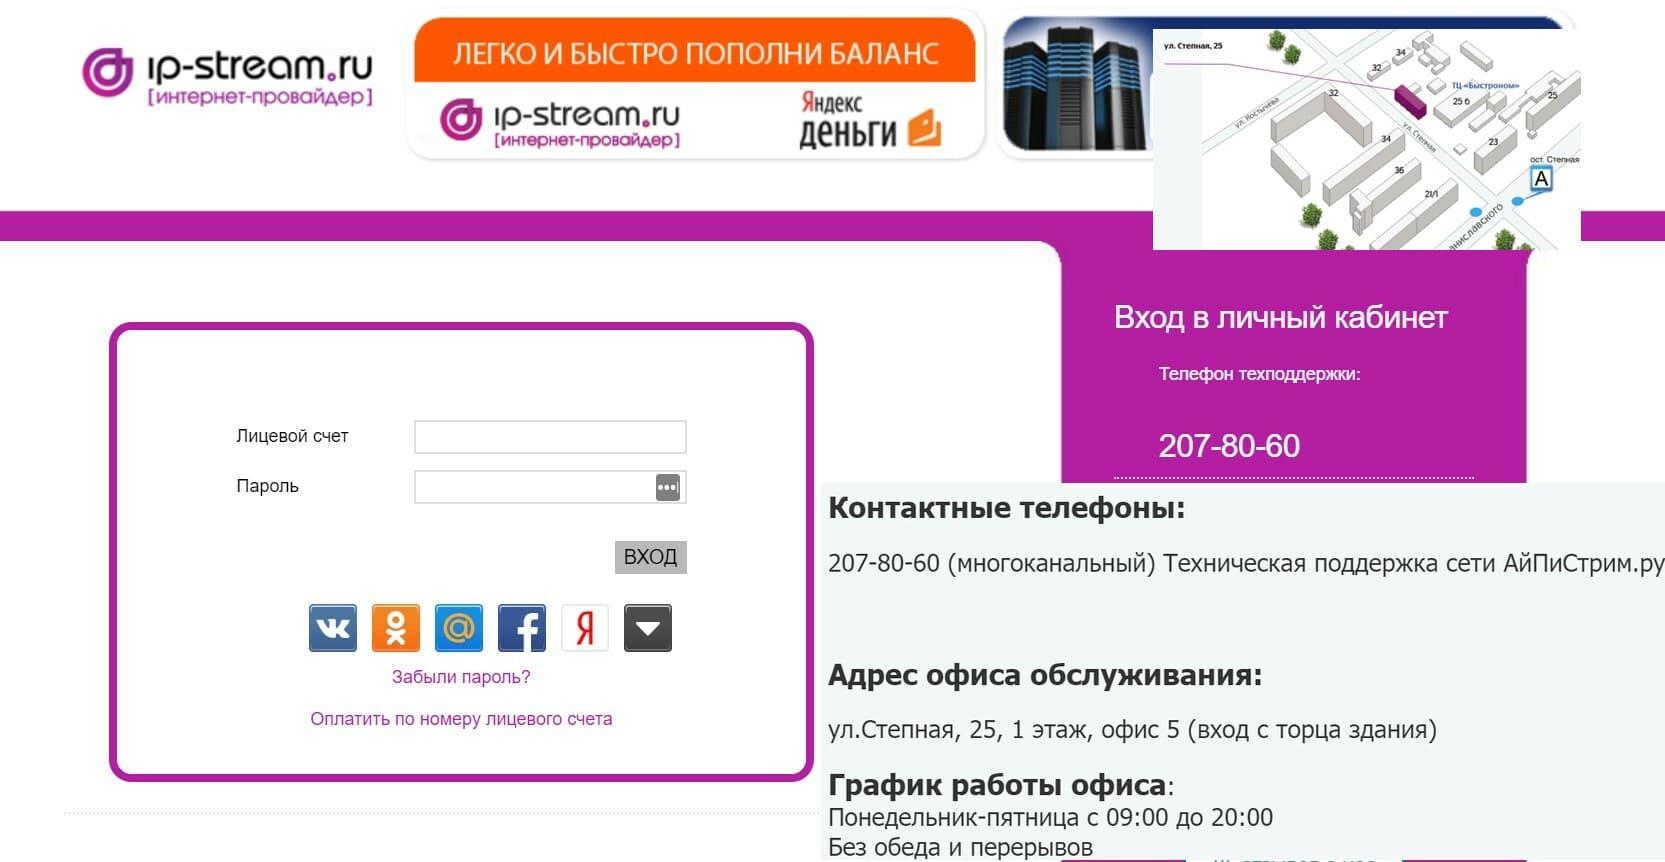 онлайн казино booi вход в личный кабинет